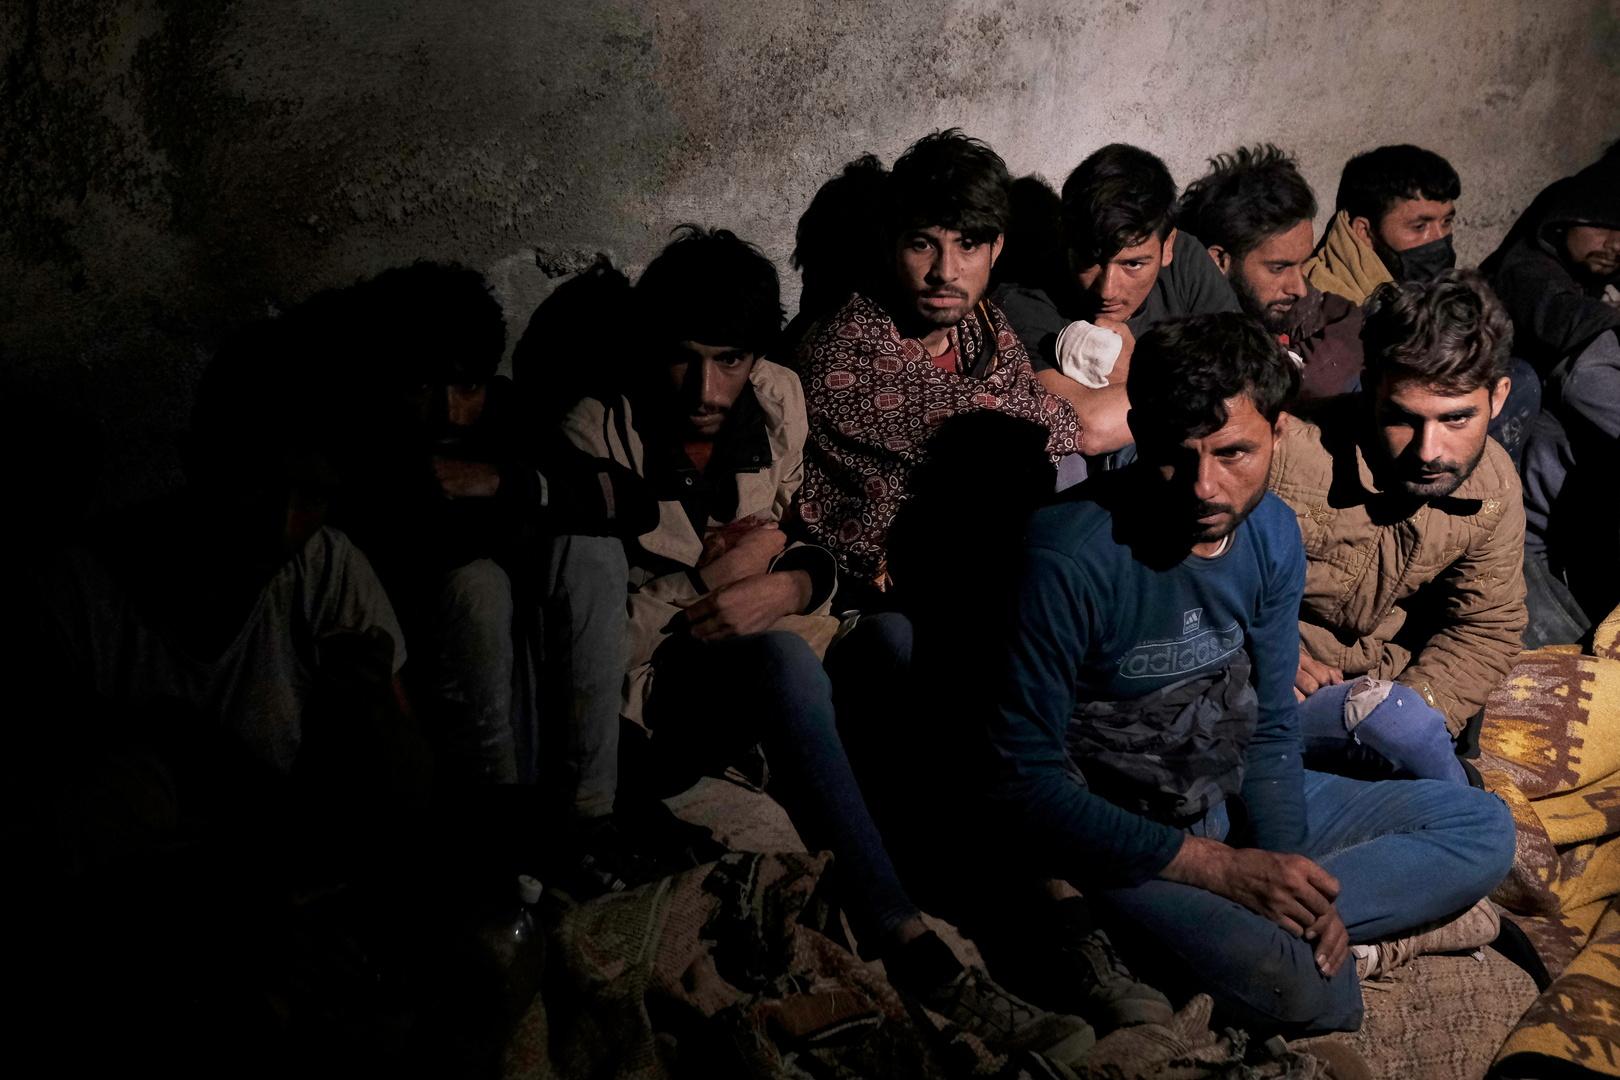 النمسا ترفض استقبال مزيد من اللاجئين الأفغان